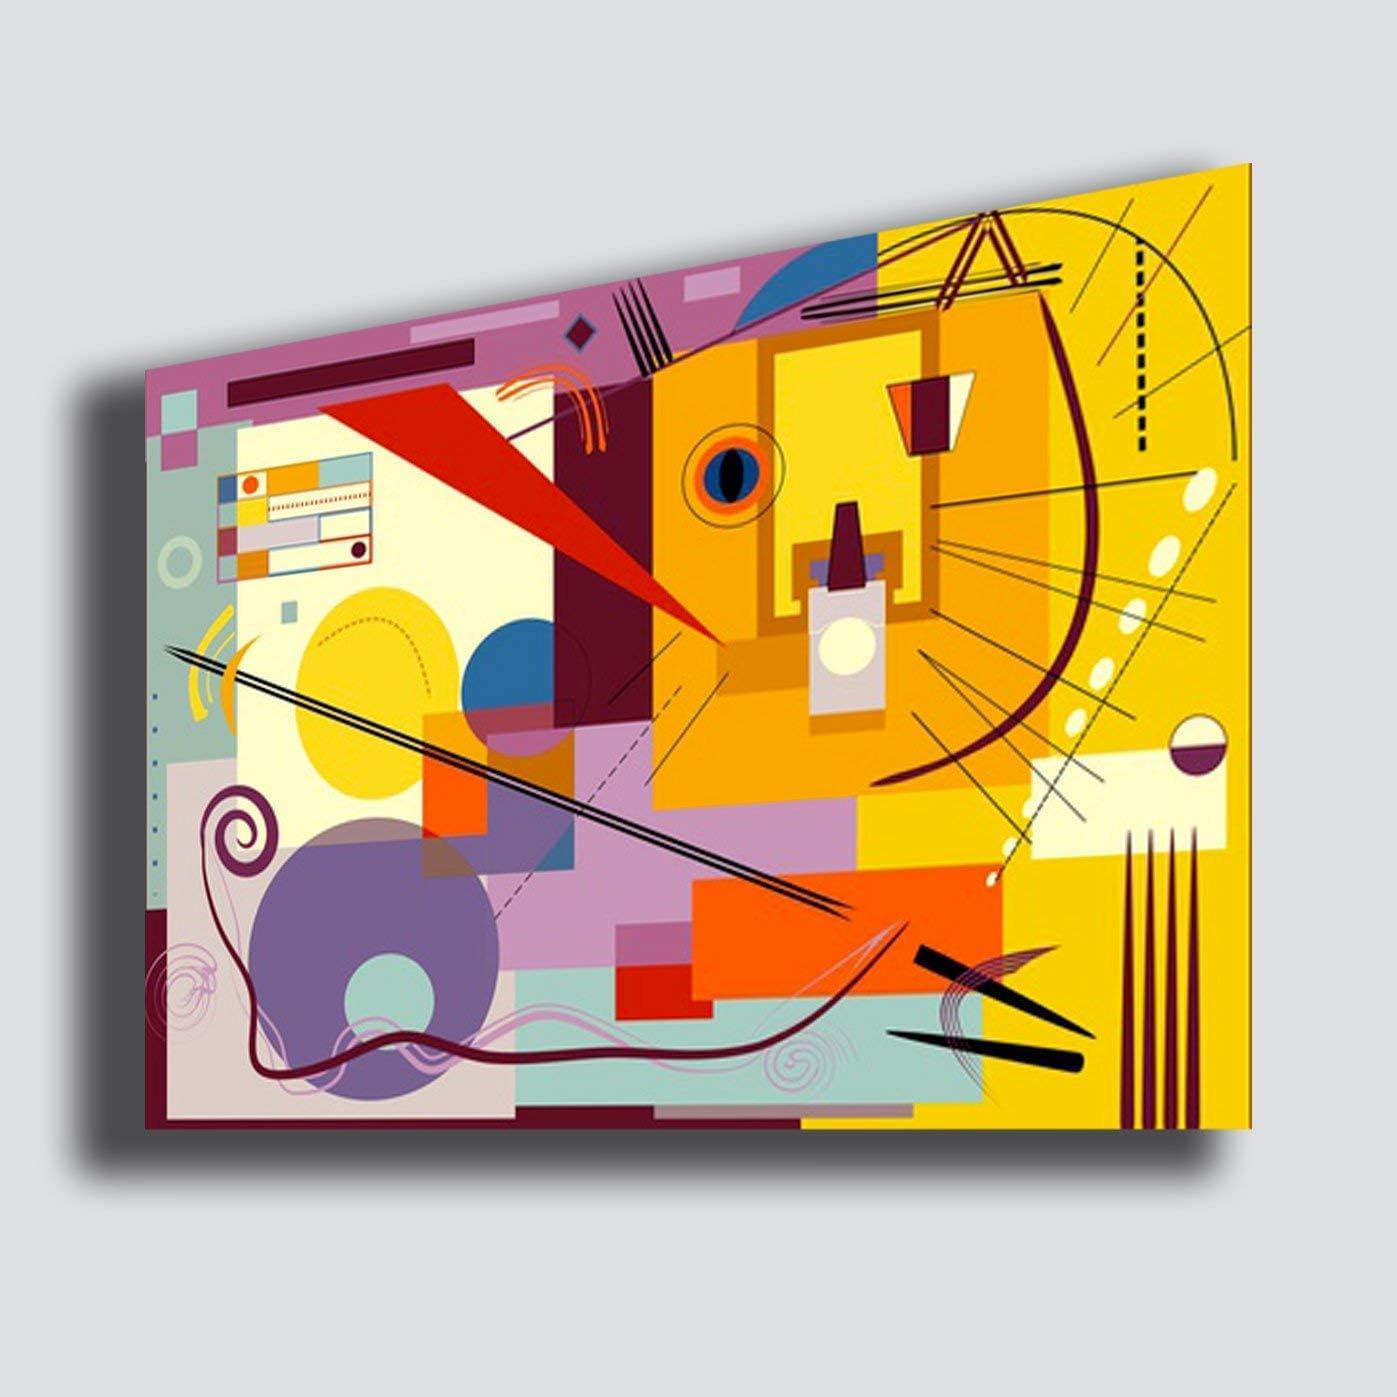 Cuadro Moderno Kandinsky Estilo 70 x 100 cm Composición Amarillo Violeta Abstracto - Reparación impresión sobre Lienzo Lienzo Dormitorio Grande Cuadros Modernos Arte Abstracto Cocina salón